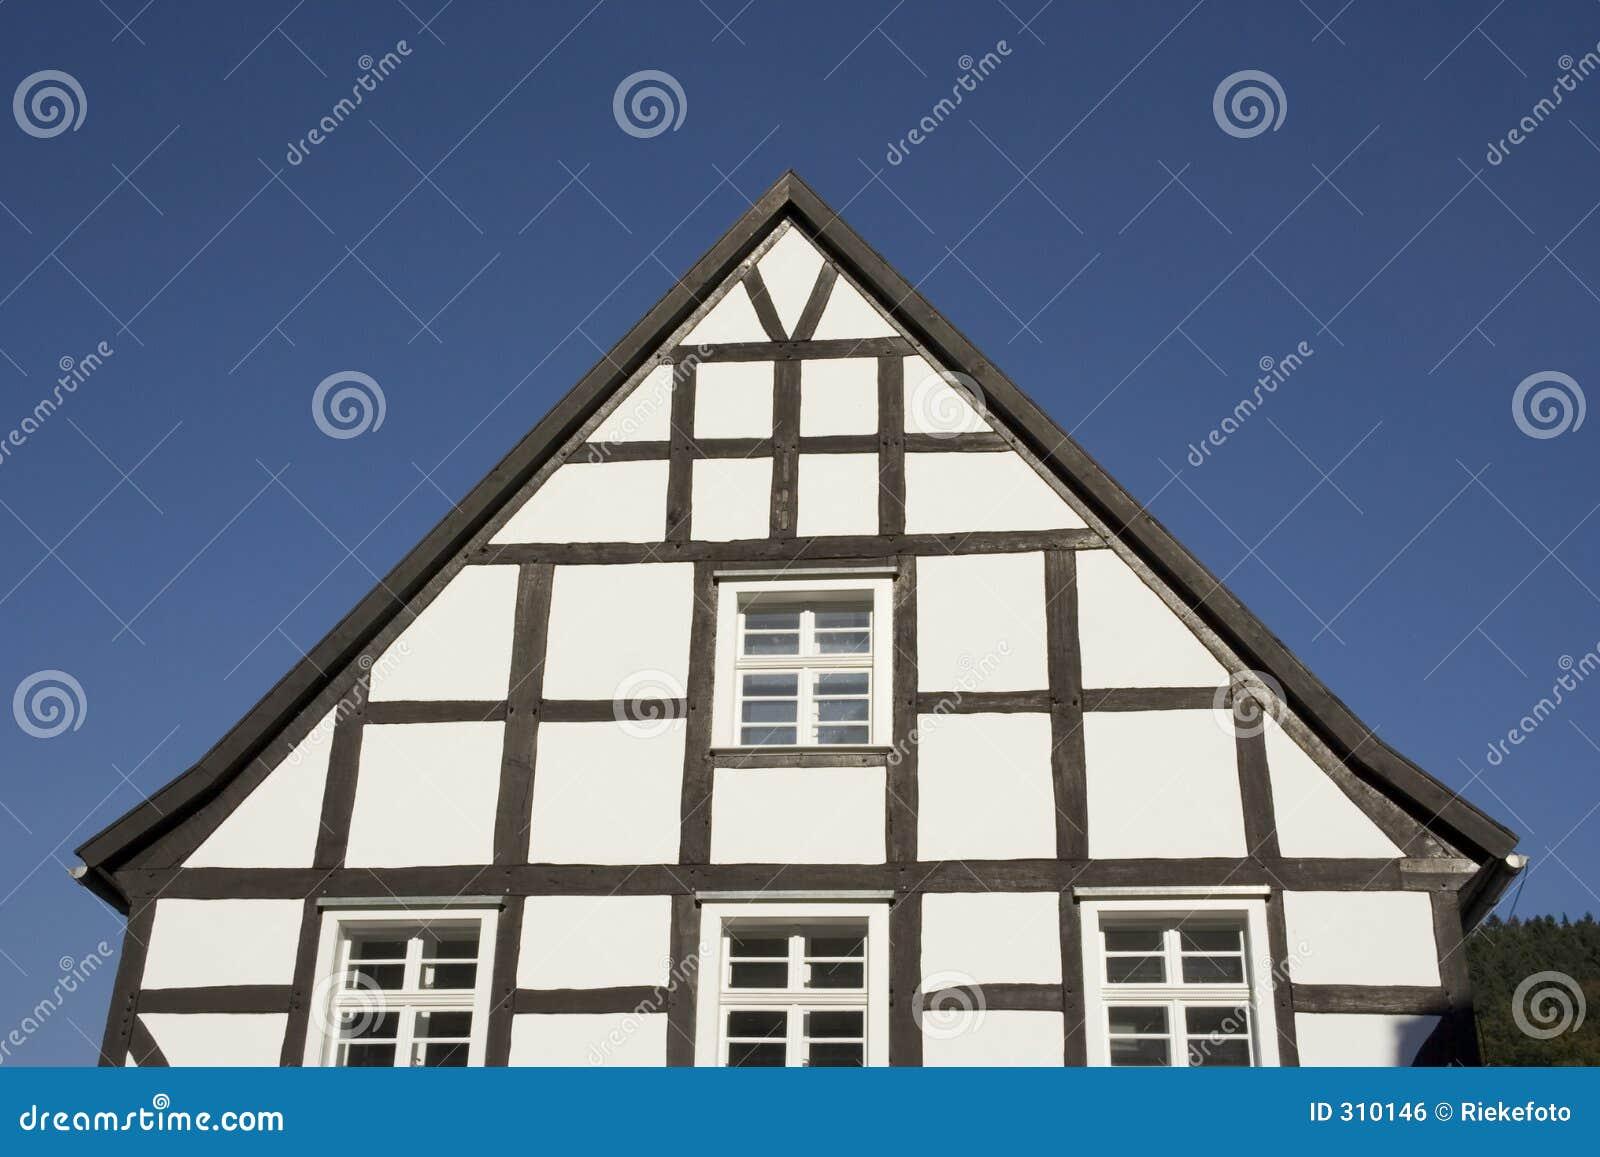 pignon d 39 une maison colombage en noir et blanc photo stock image 310146. Black Bedroom Furniture Sets. Home Design Ideas